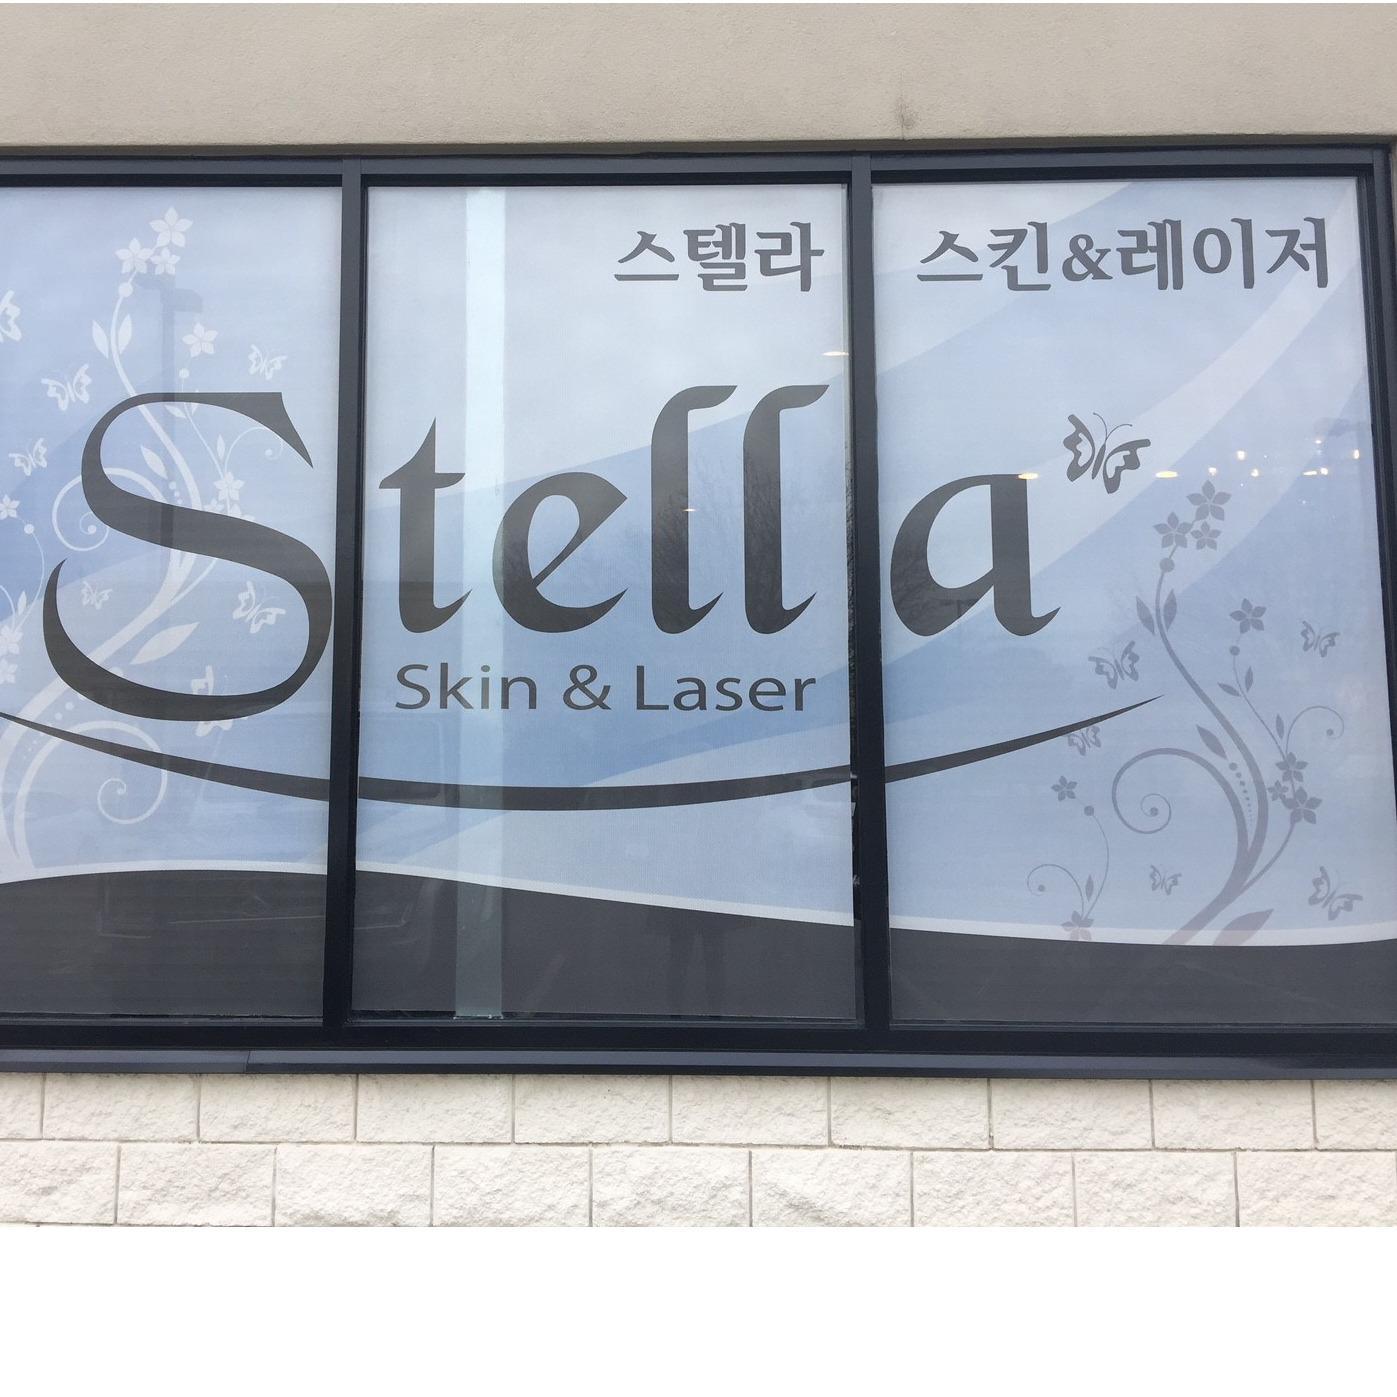 Stella Skin & Laser - Duluth, GA - Dermatologists